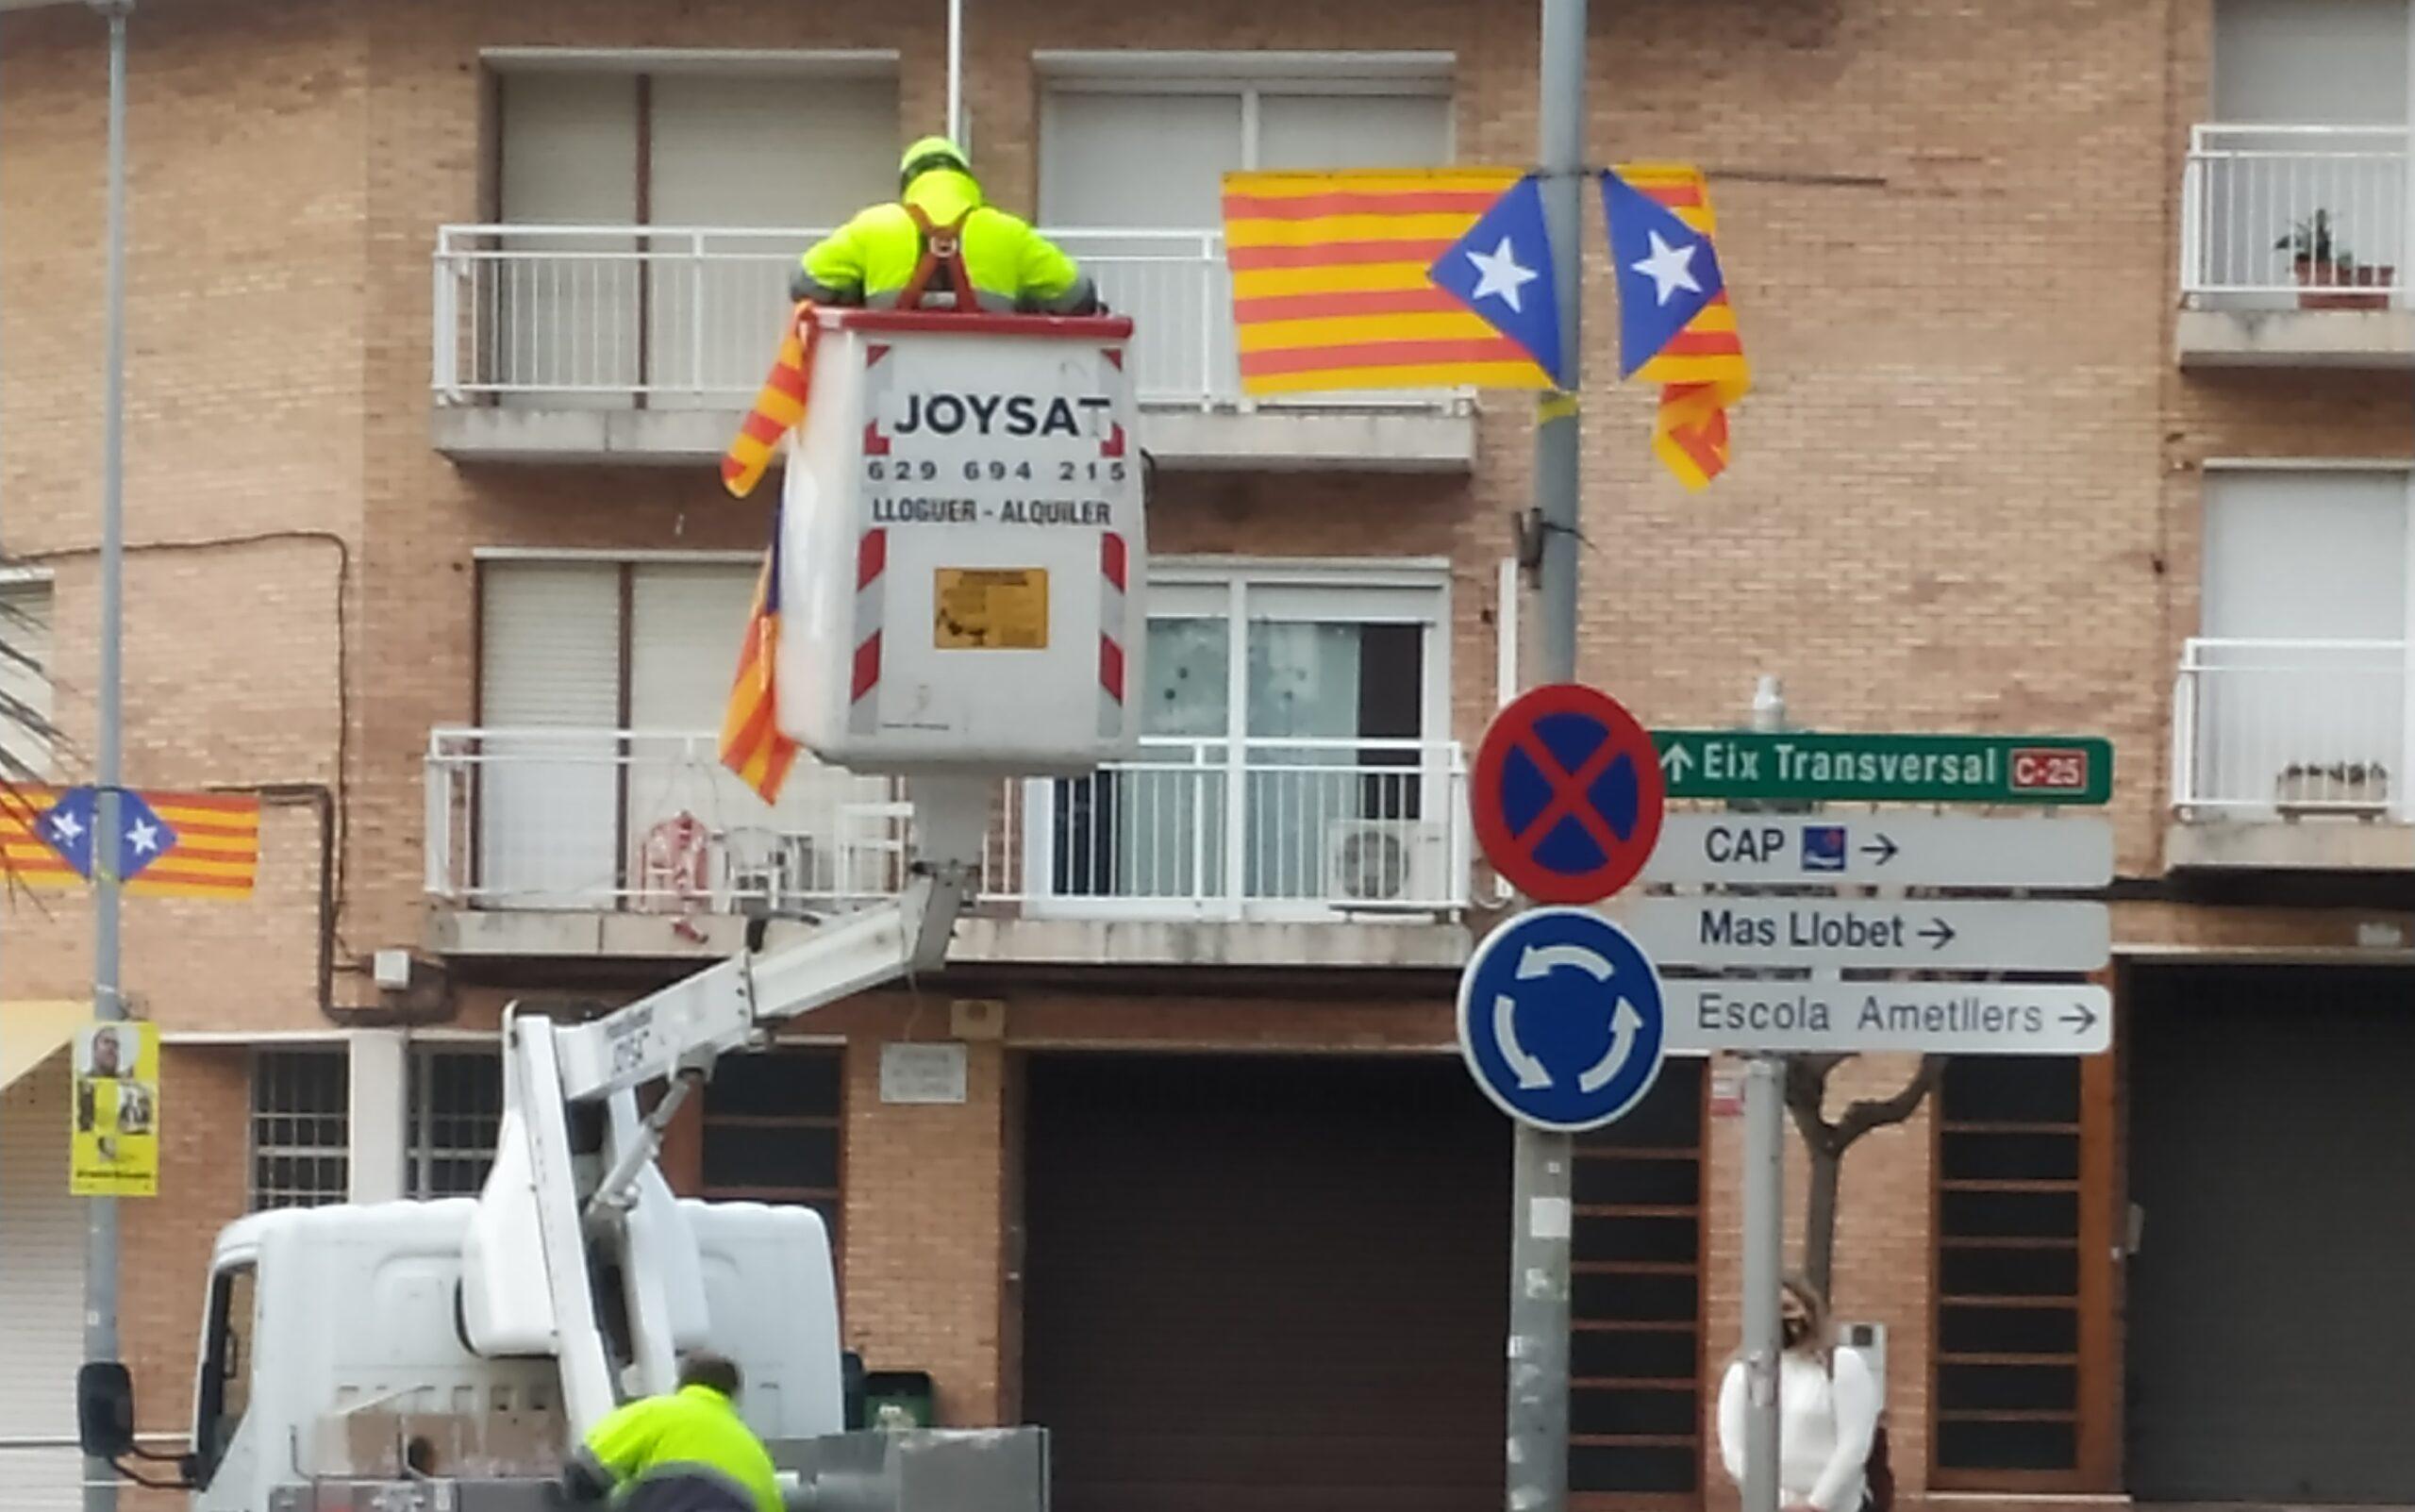 Operaris de Sant Joan de Vilatorrada retirant estelades dels fanals